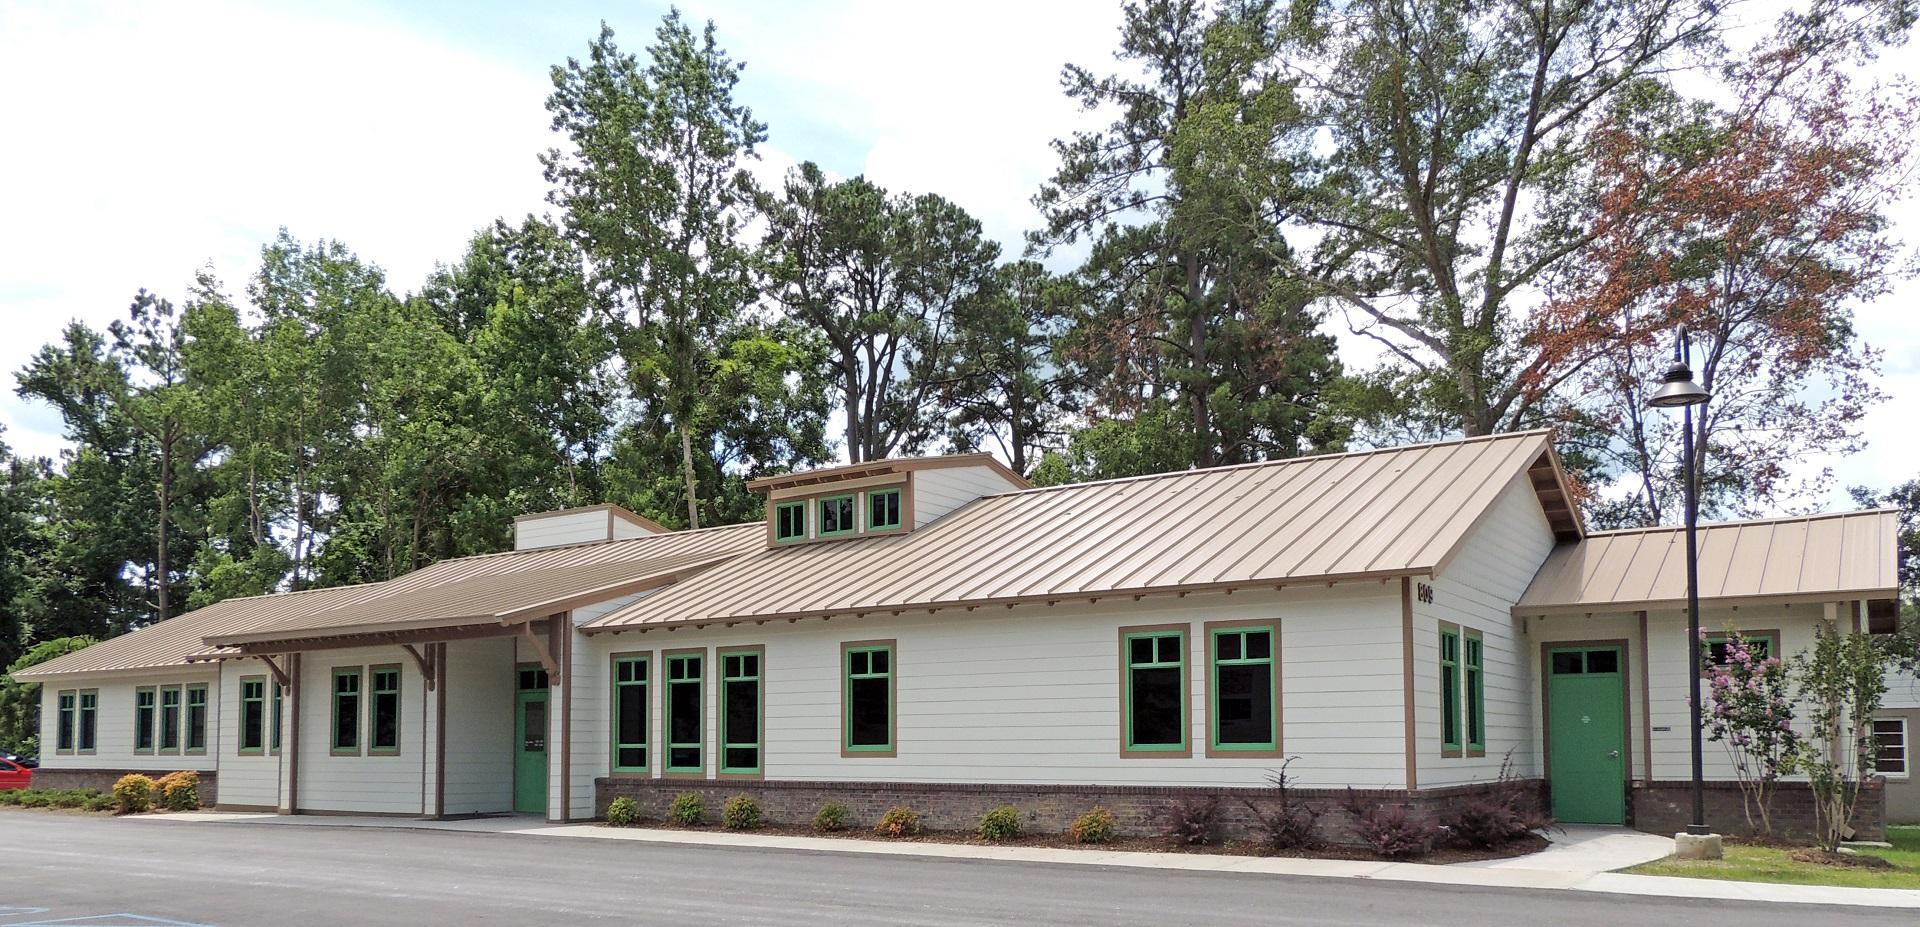 https://jmusselmanconstruction.com/wp-content/uploads/2020/08/Cedar-Building.jpg